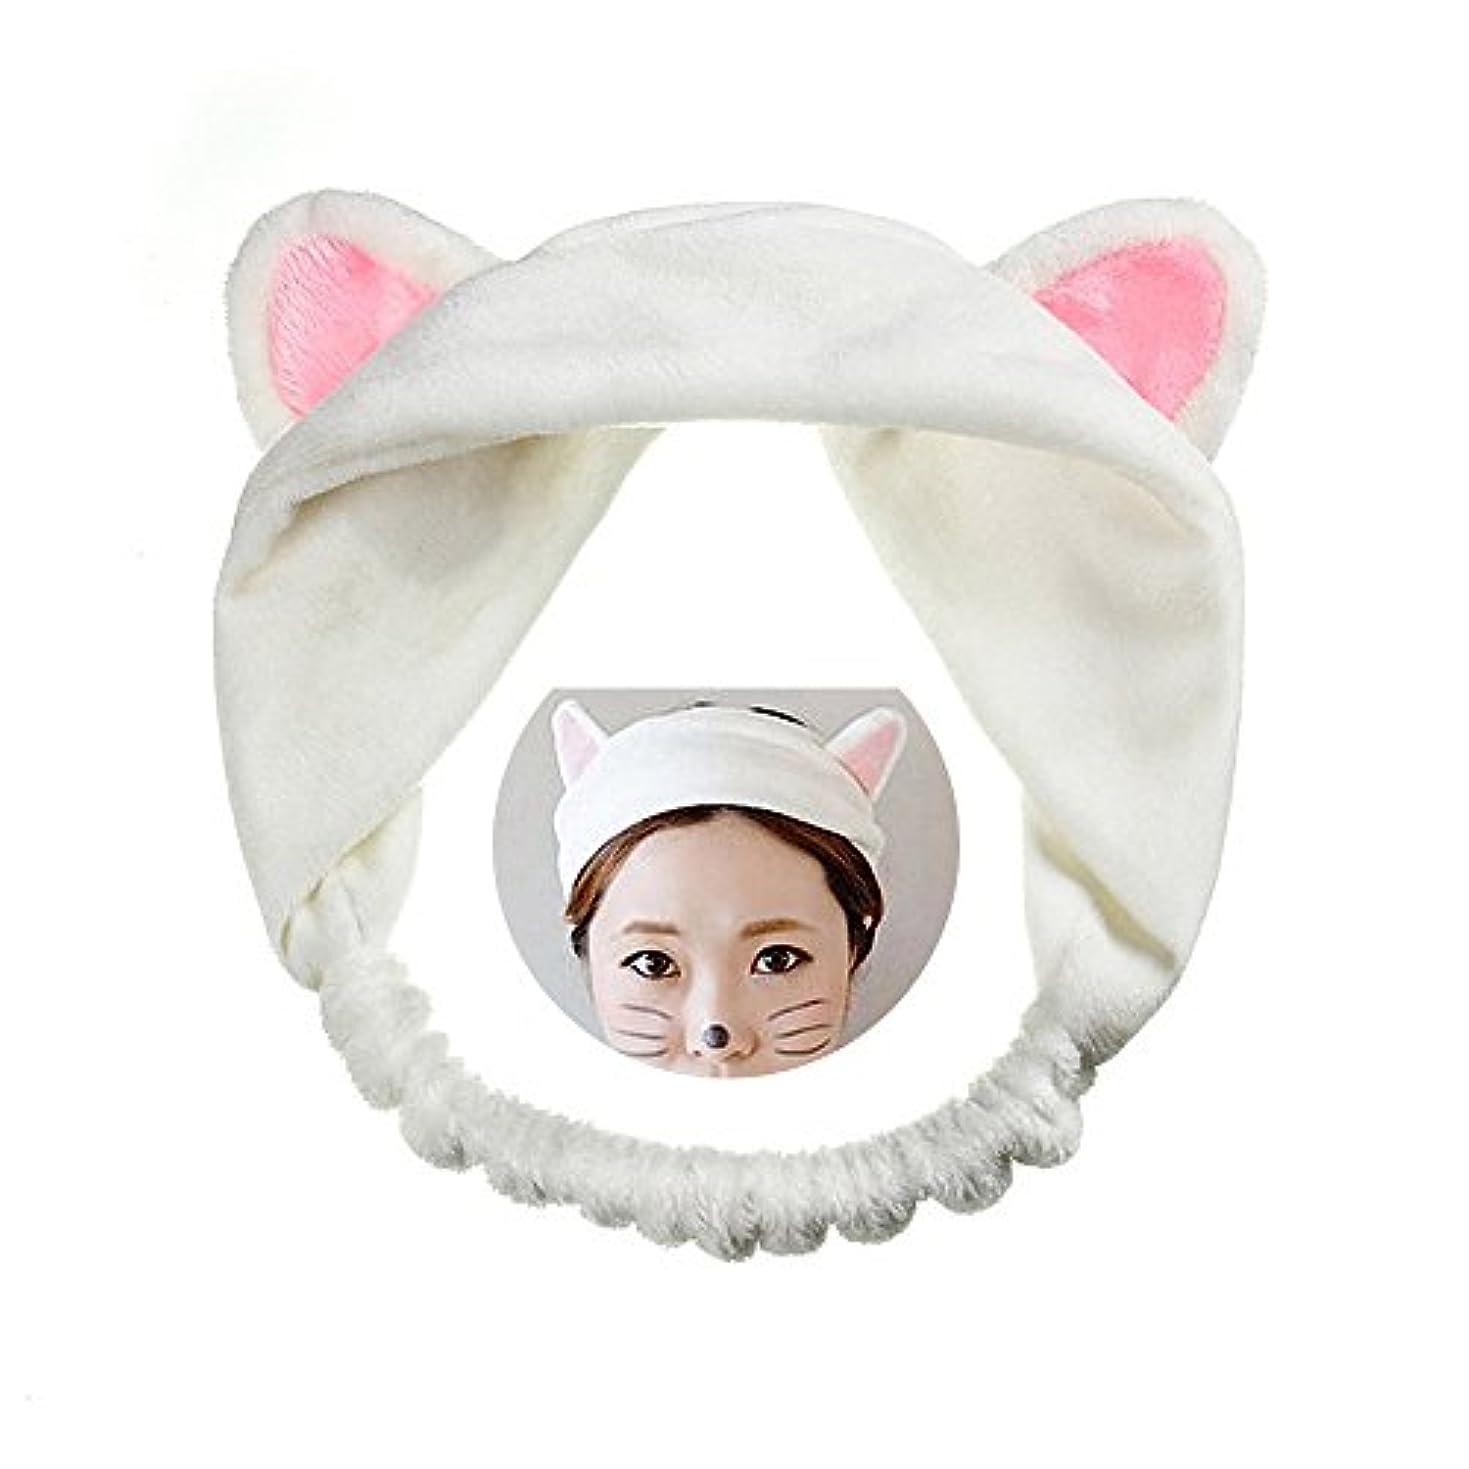 レベル殺人者買い物に行く可愛い 猫 耳 ヘアバンド メイク アップ フェイス マスク スポーツ カチューシャ 髪型 ホワイト